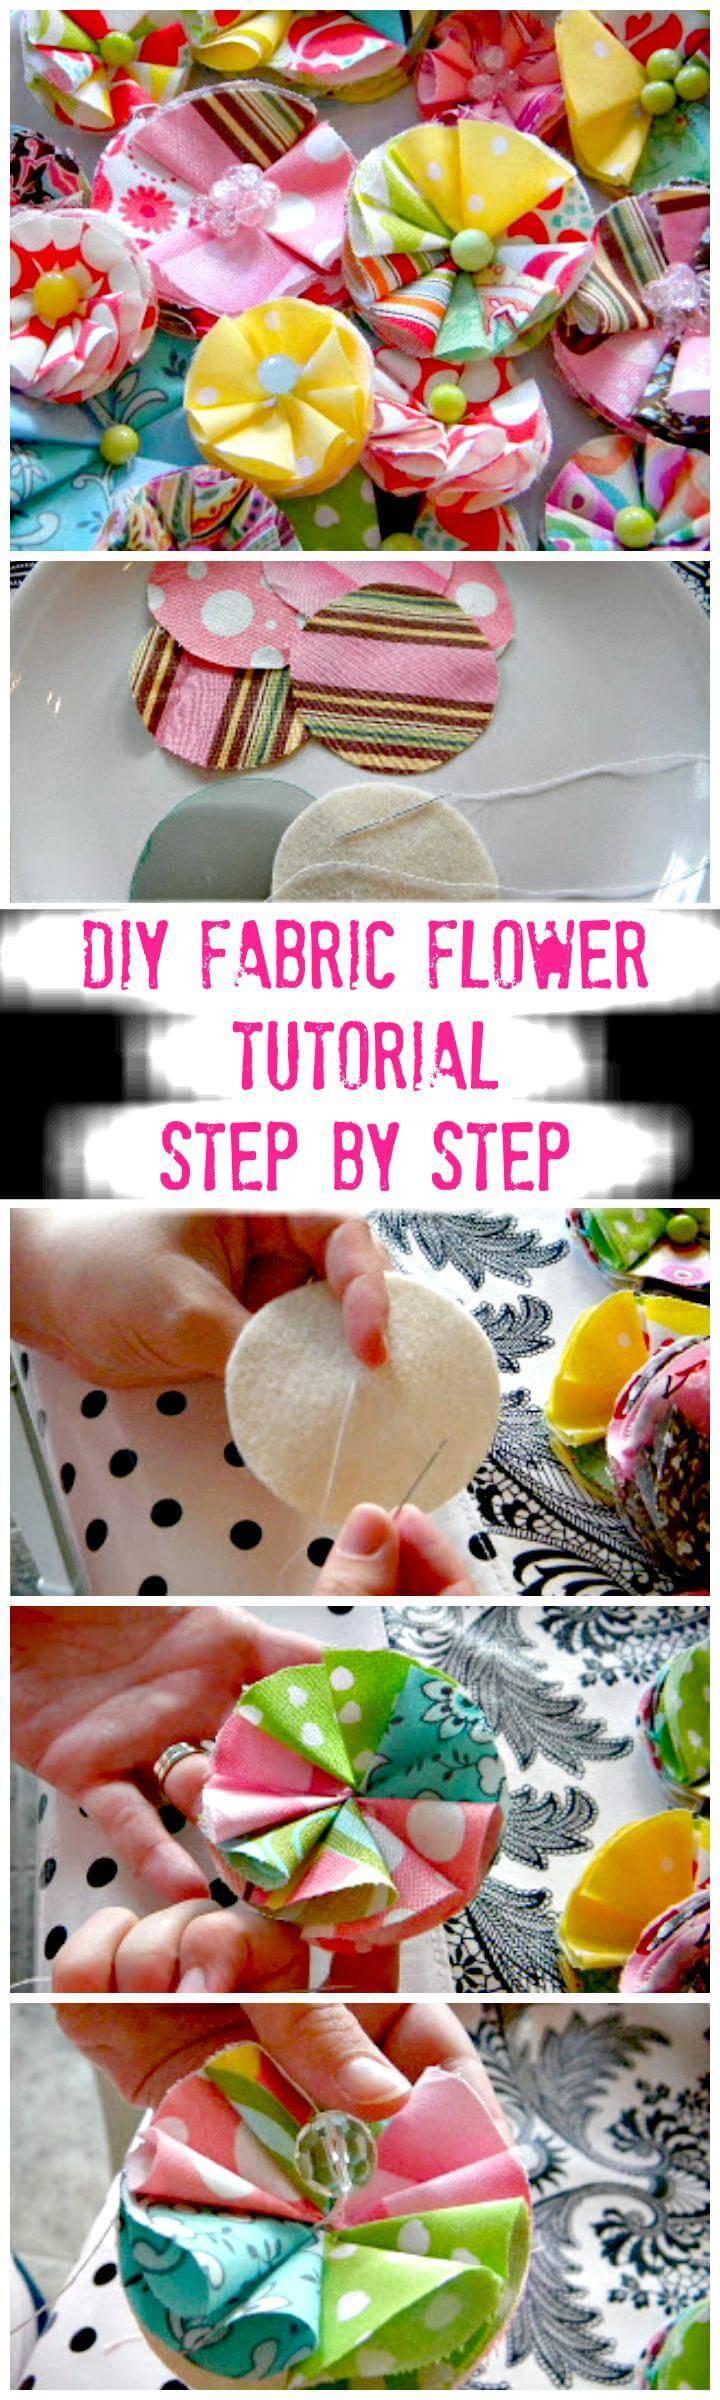 precious handmade fabric flower